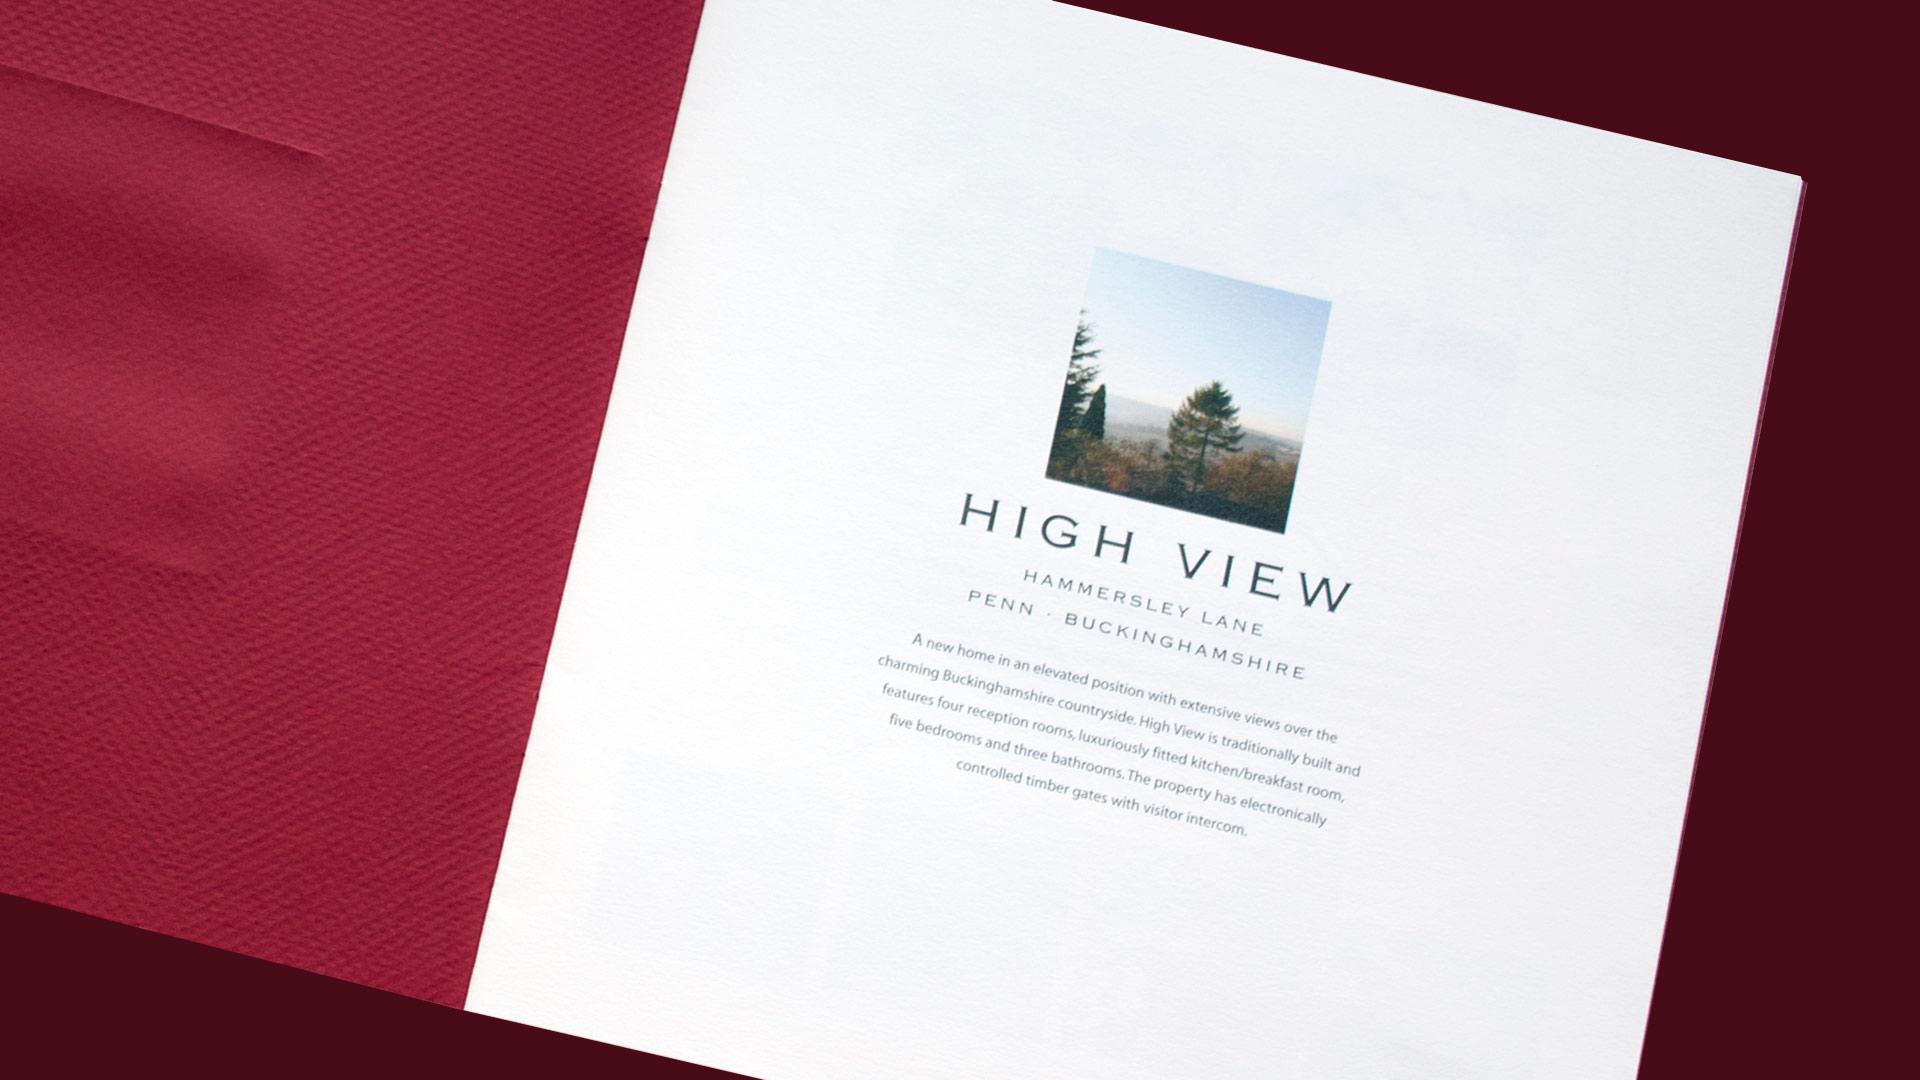 highview-1